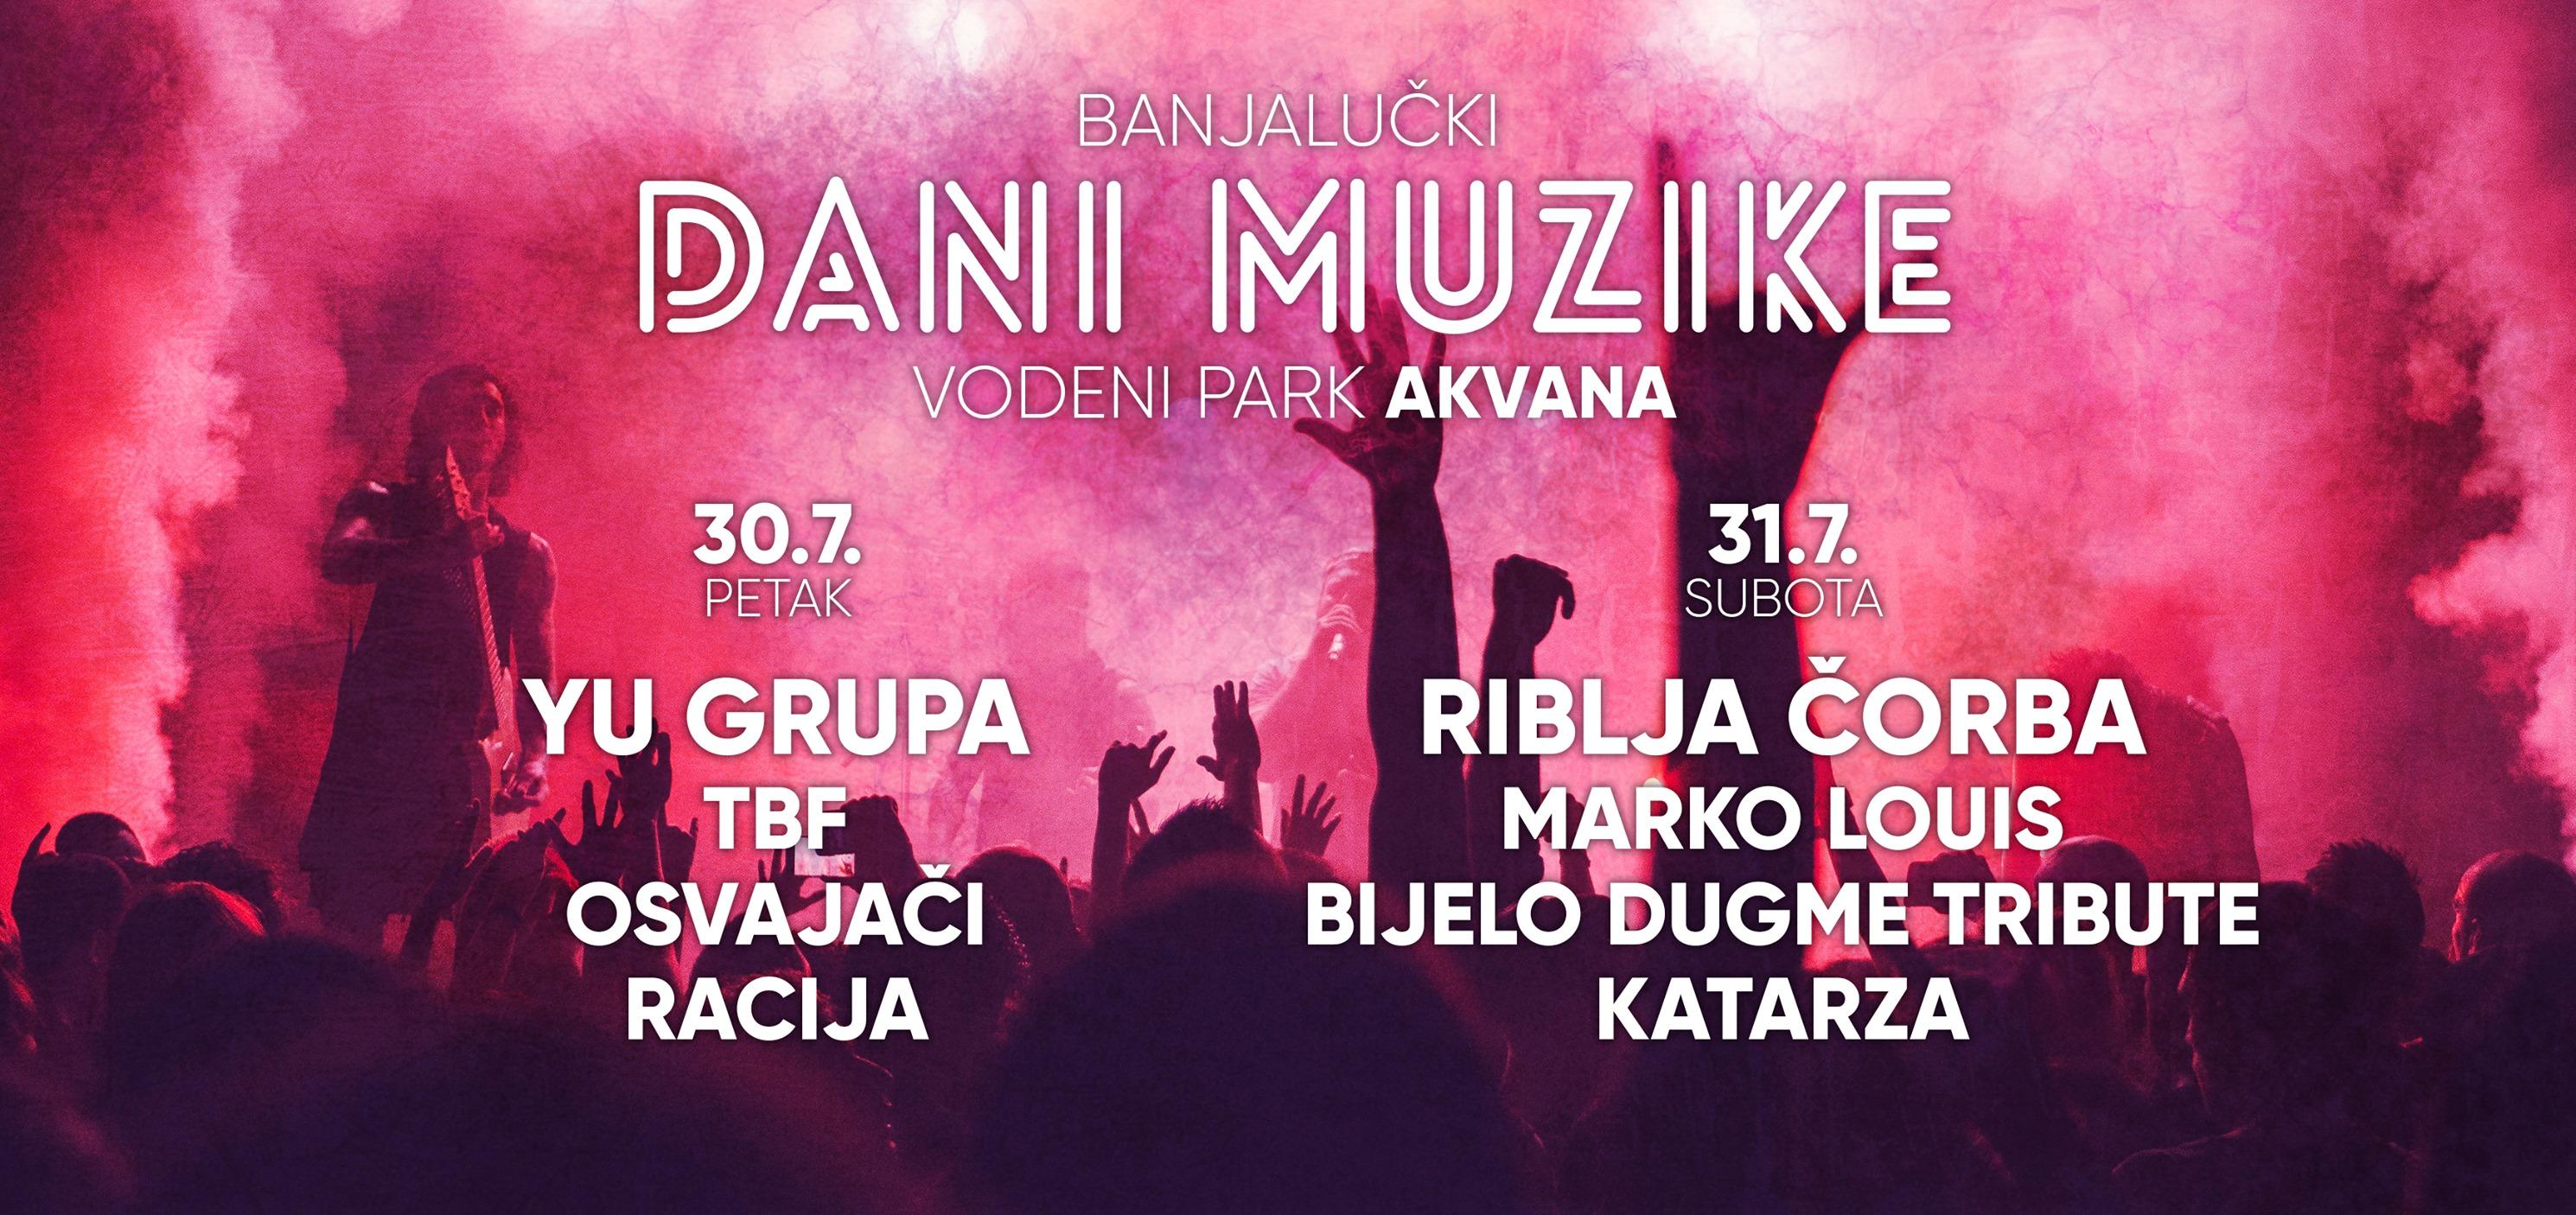 plakat-banjalucki-dani-muzike-2021-banja-luka